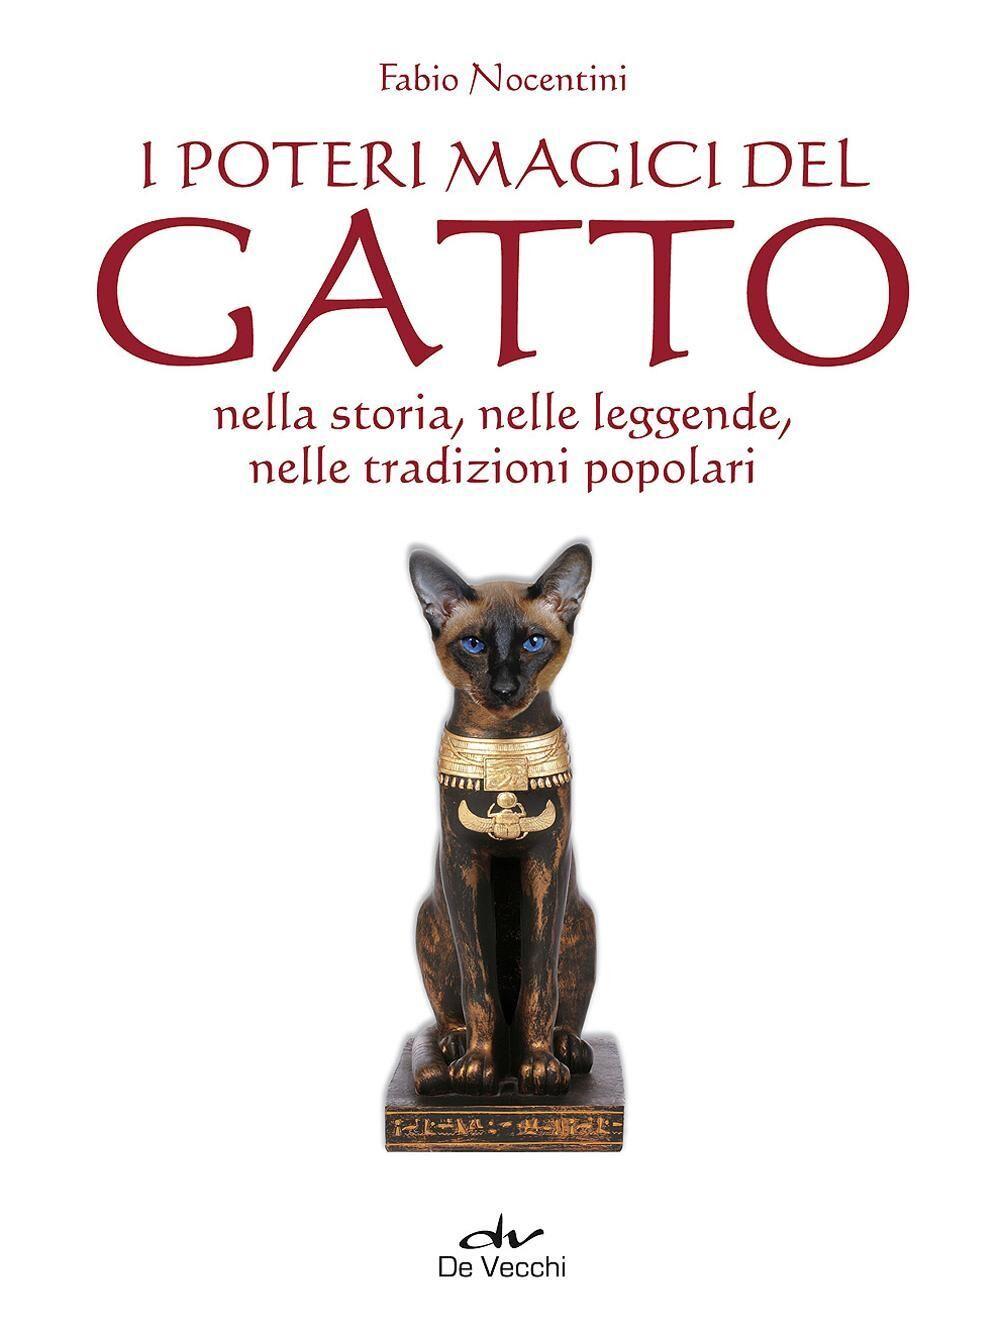 I poteri magici del gatto nella storia, nelle leggende, nelle tradizioni popolari